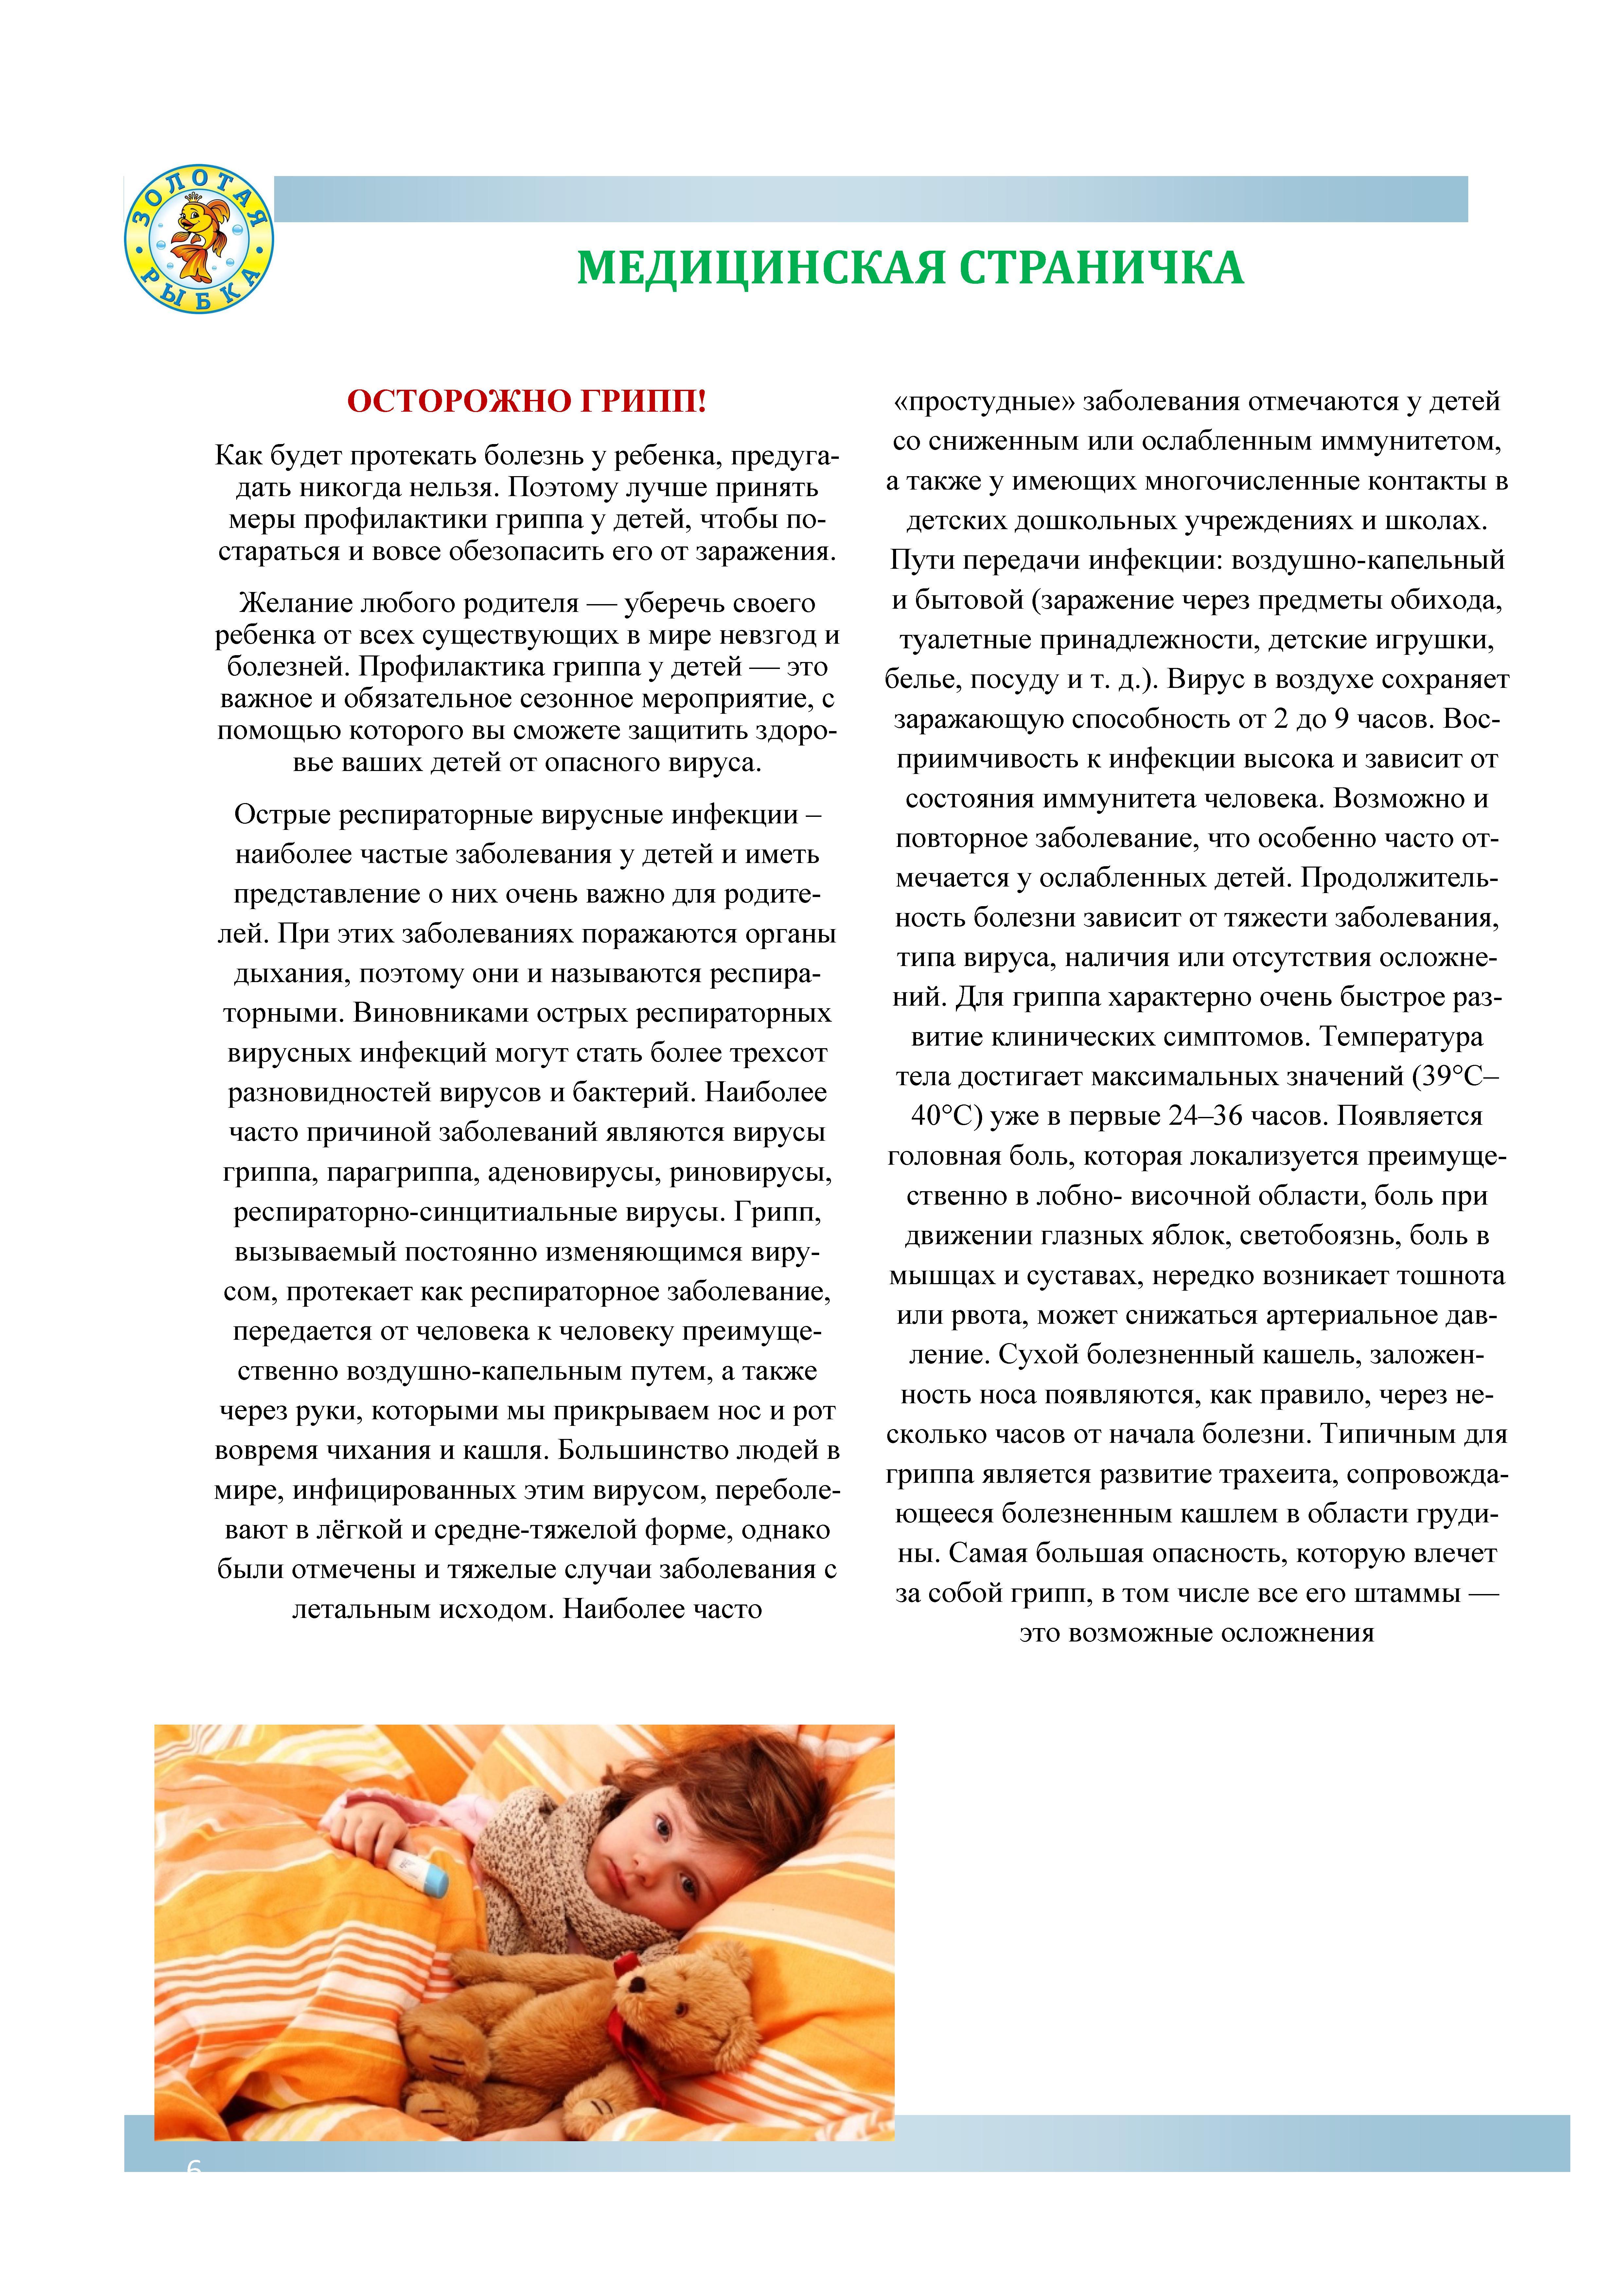 Вирусные заболевания у детей